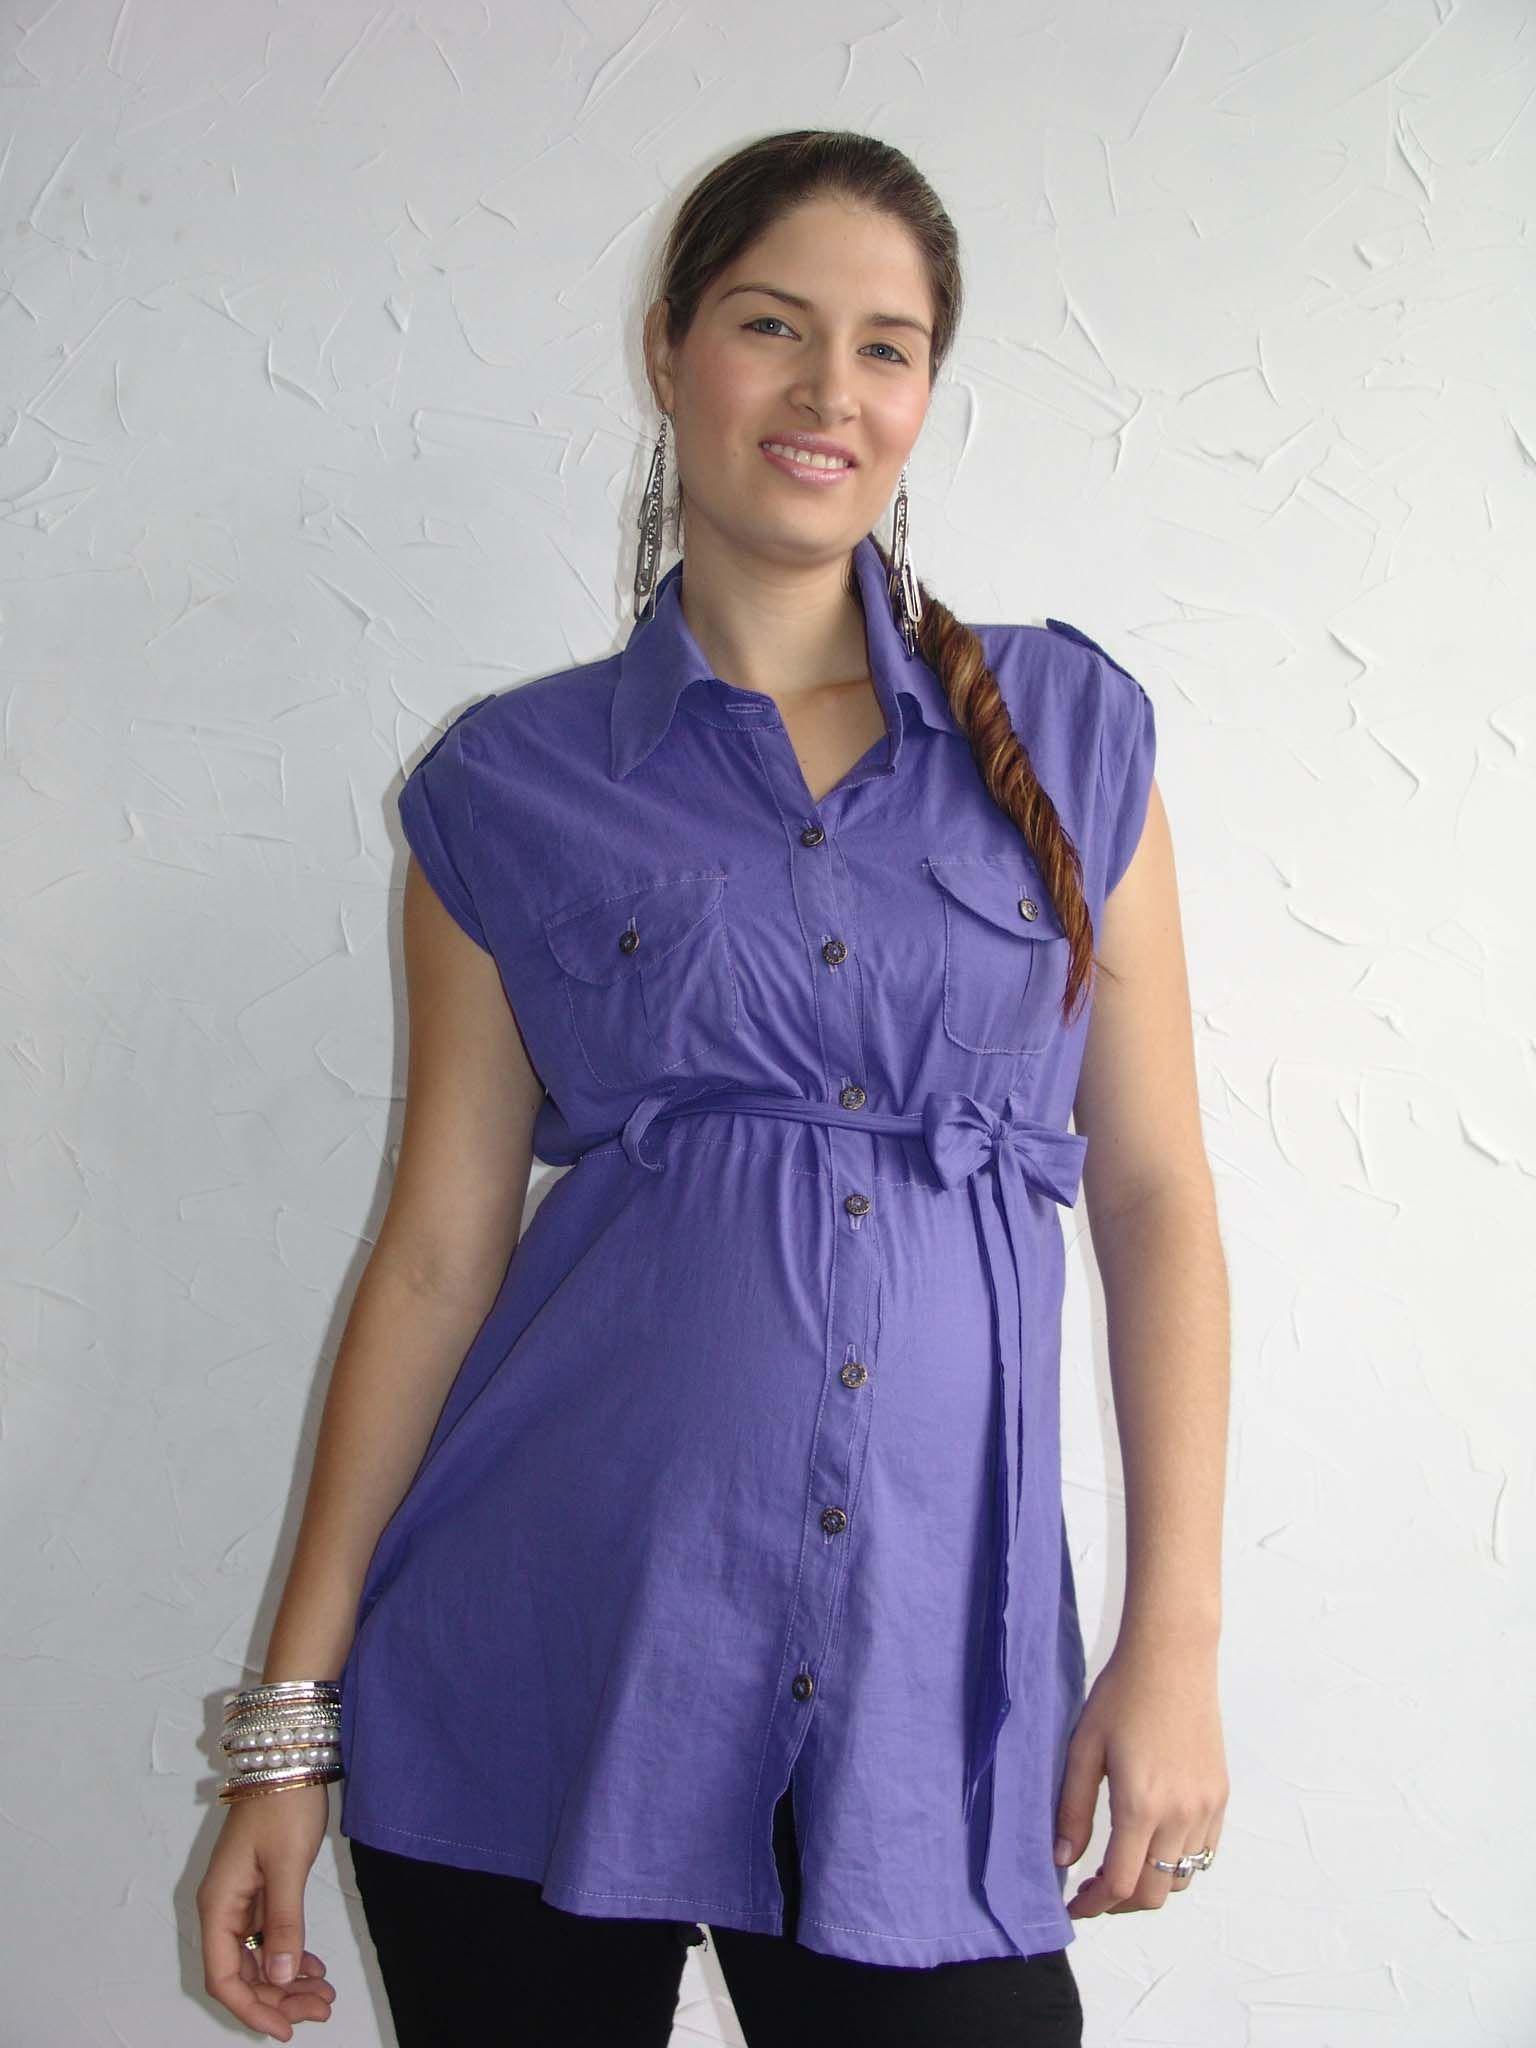 Moda Materna Nueve Lunas Baby | Moda y Maternidad Nueve Lunas ...